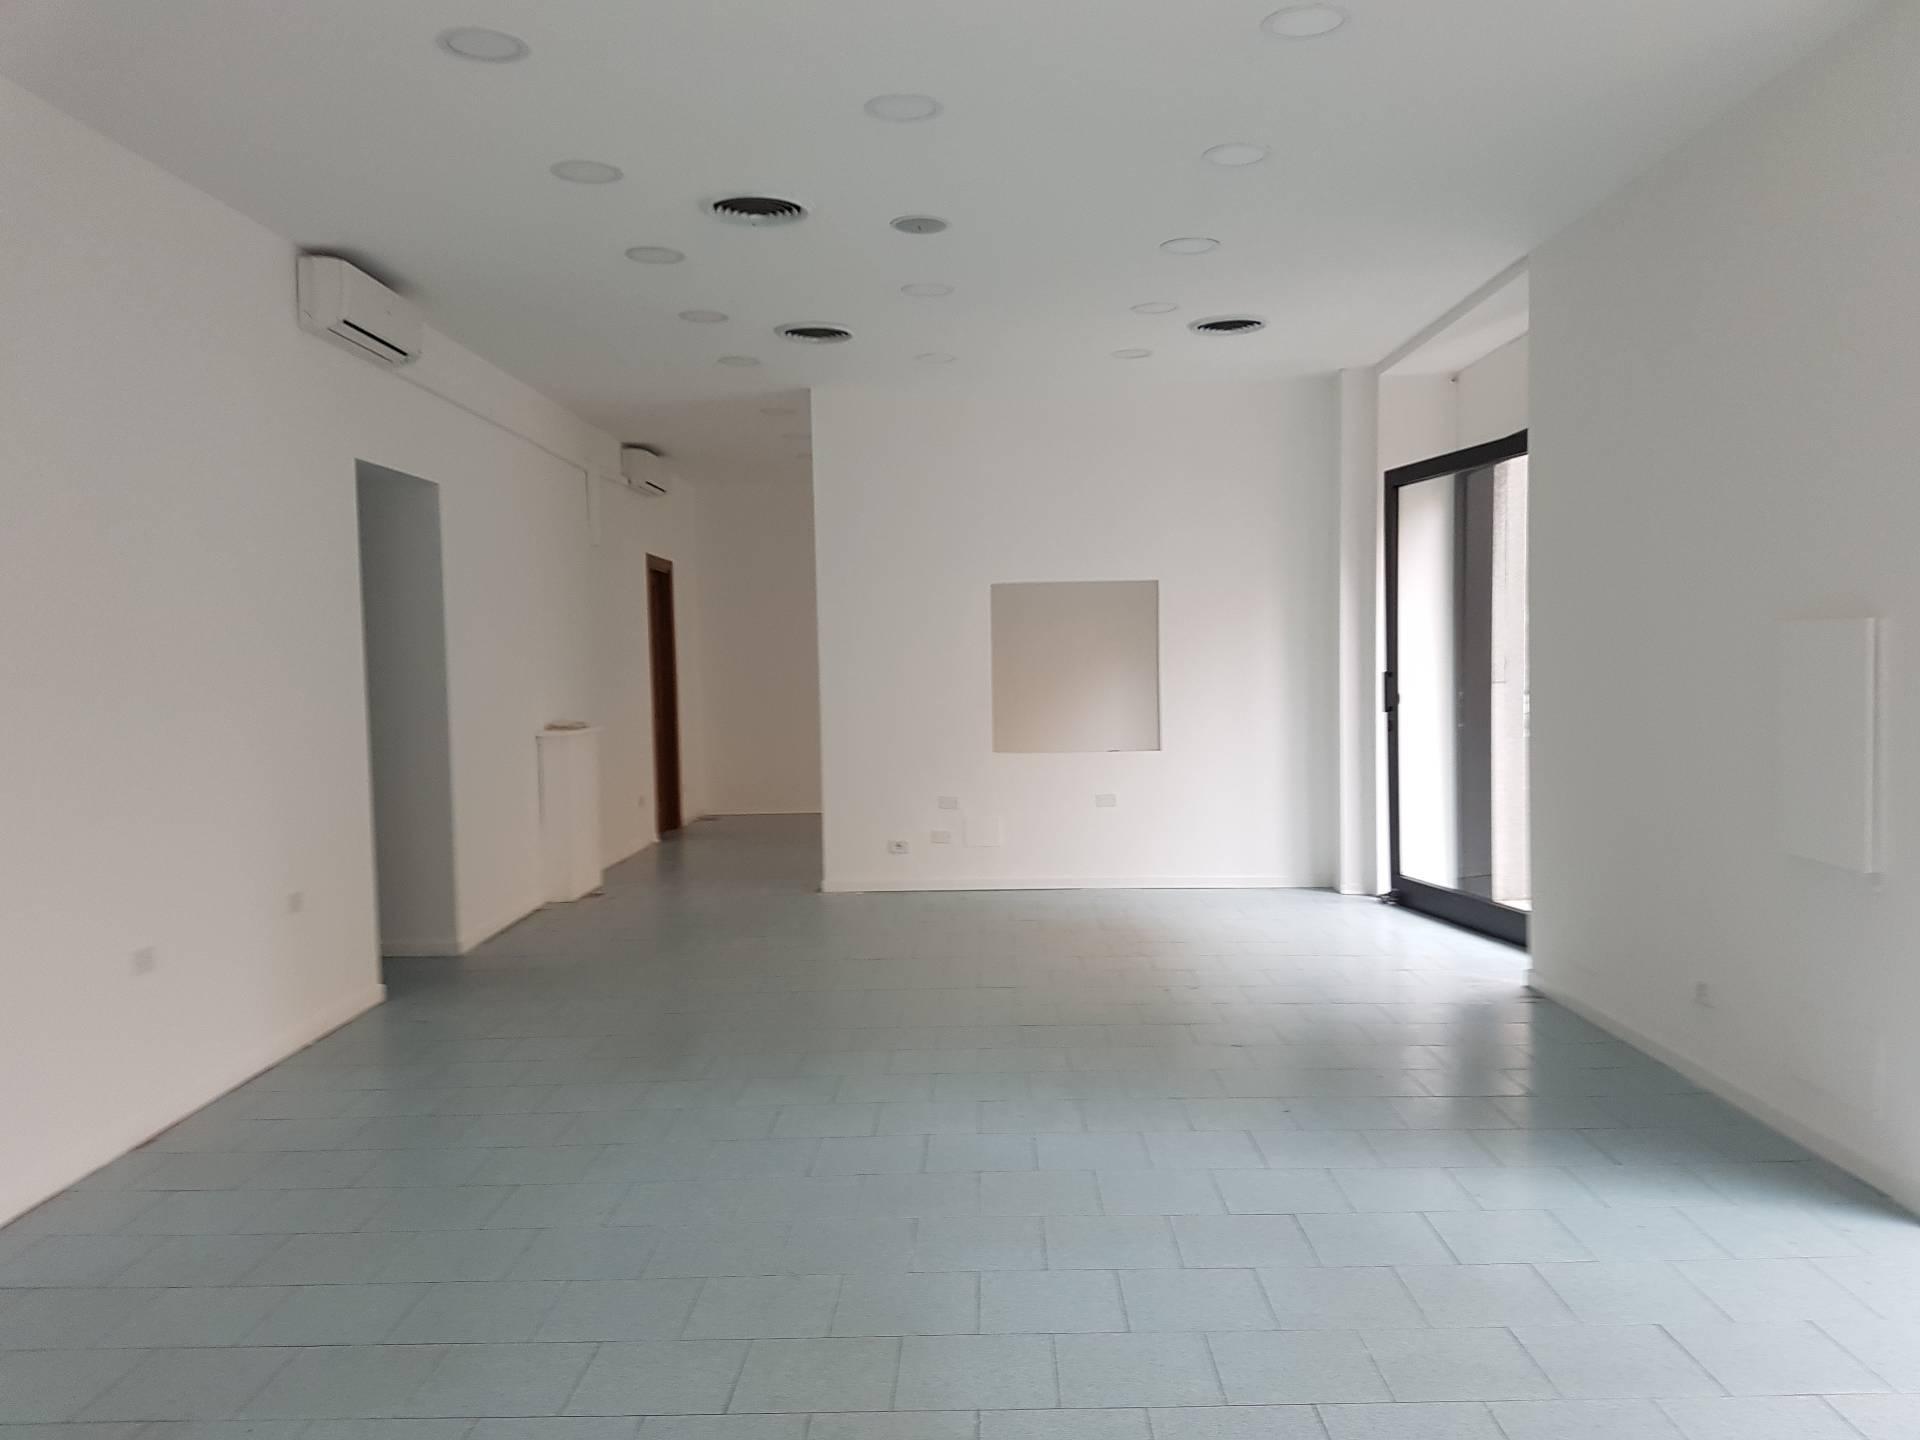 Negozio / Locale in affitto a Novara, 9999 locali, zona Località: S.Martino, prezzo € 1.200 | Cambio Casa.it